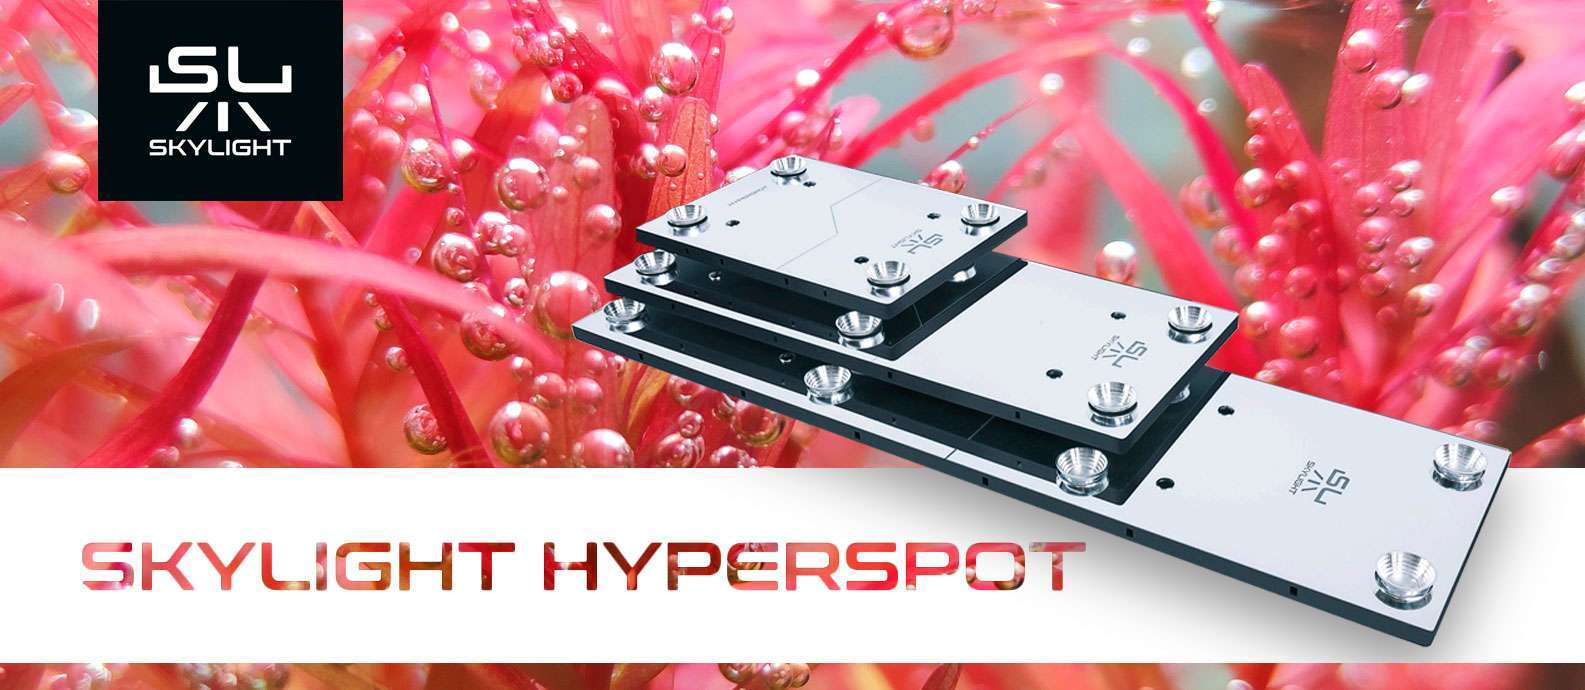 SkyLight HyperSpot - Lampy LED dla wymagających